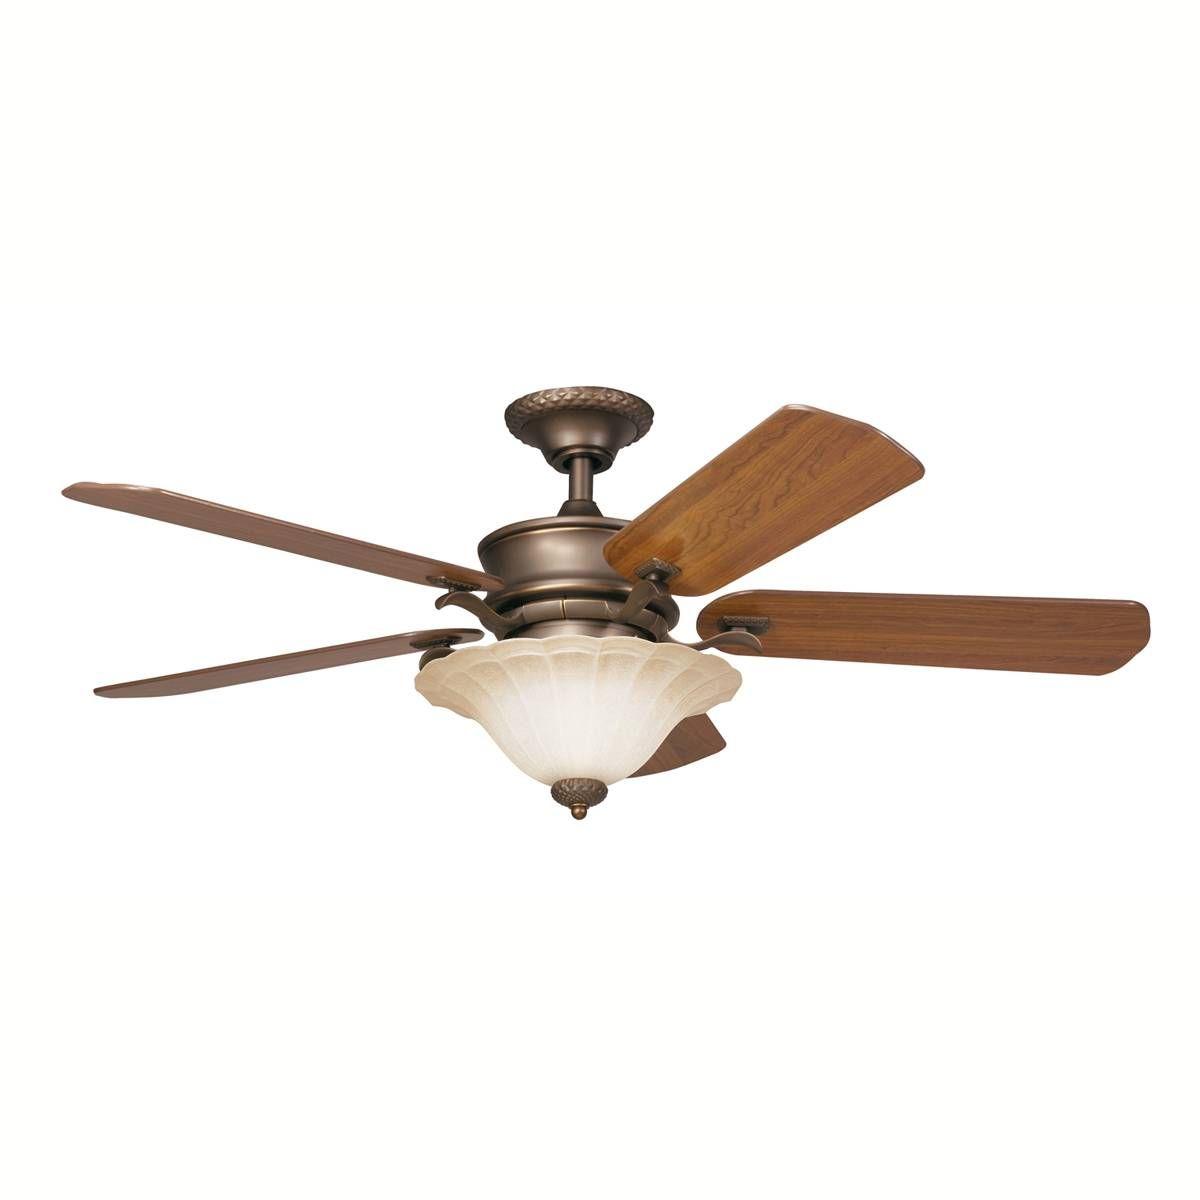 Kichler 52 Wind Speed 4 58 Mph 403 24 Lfm Cfm 5 947 With